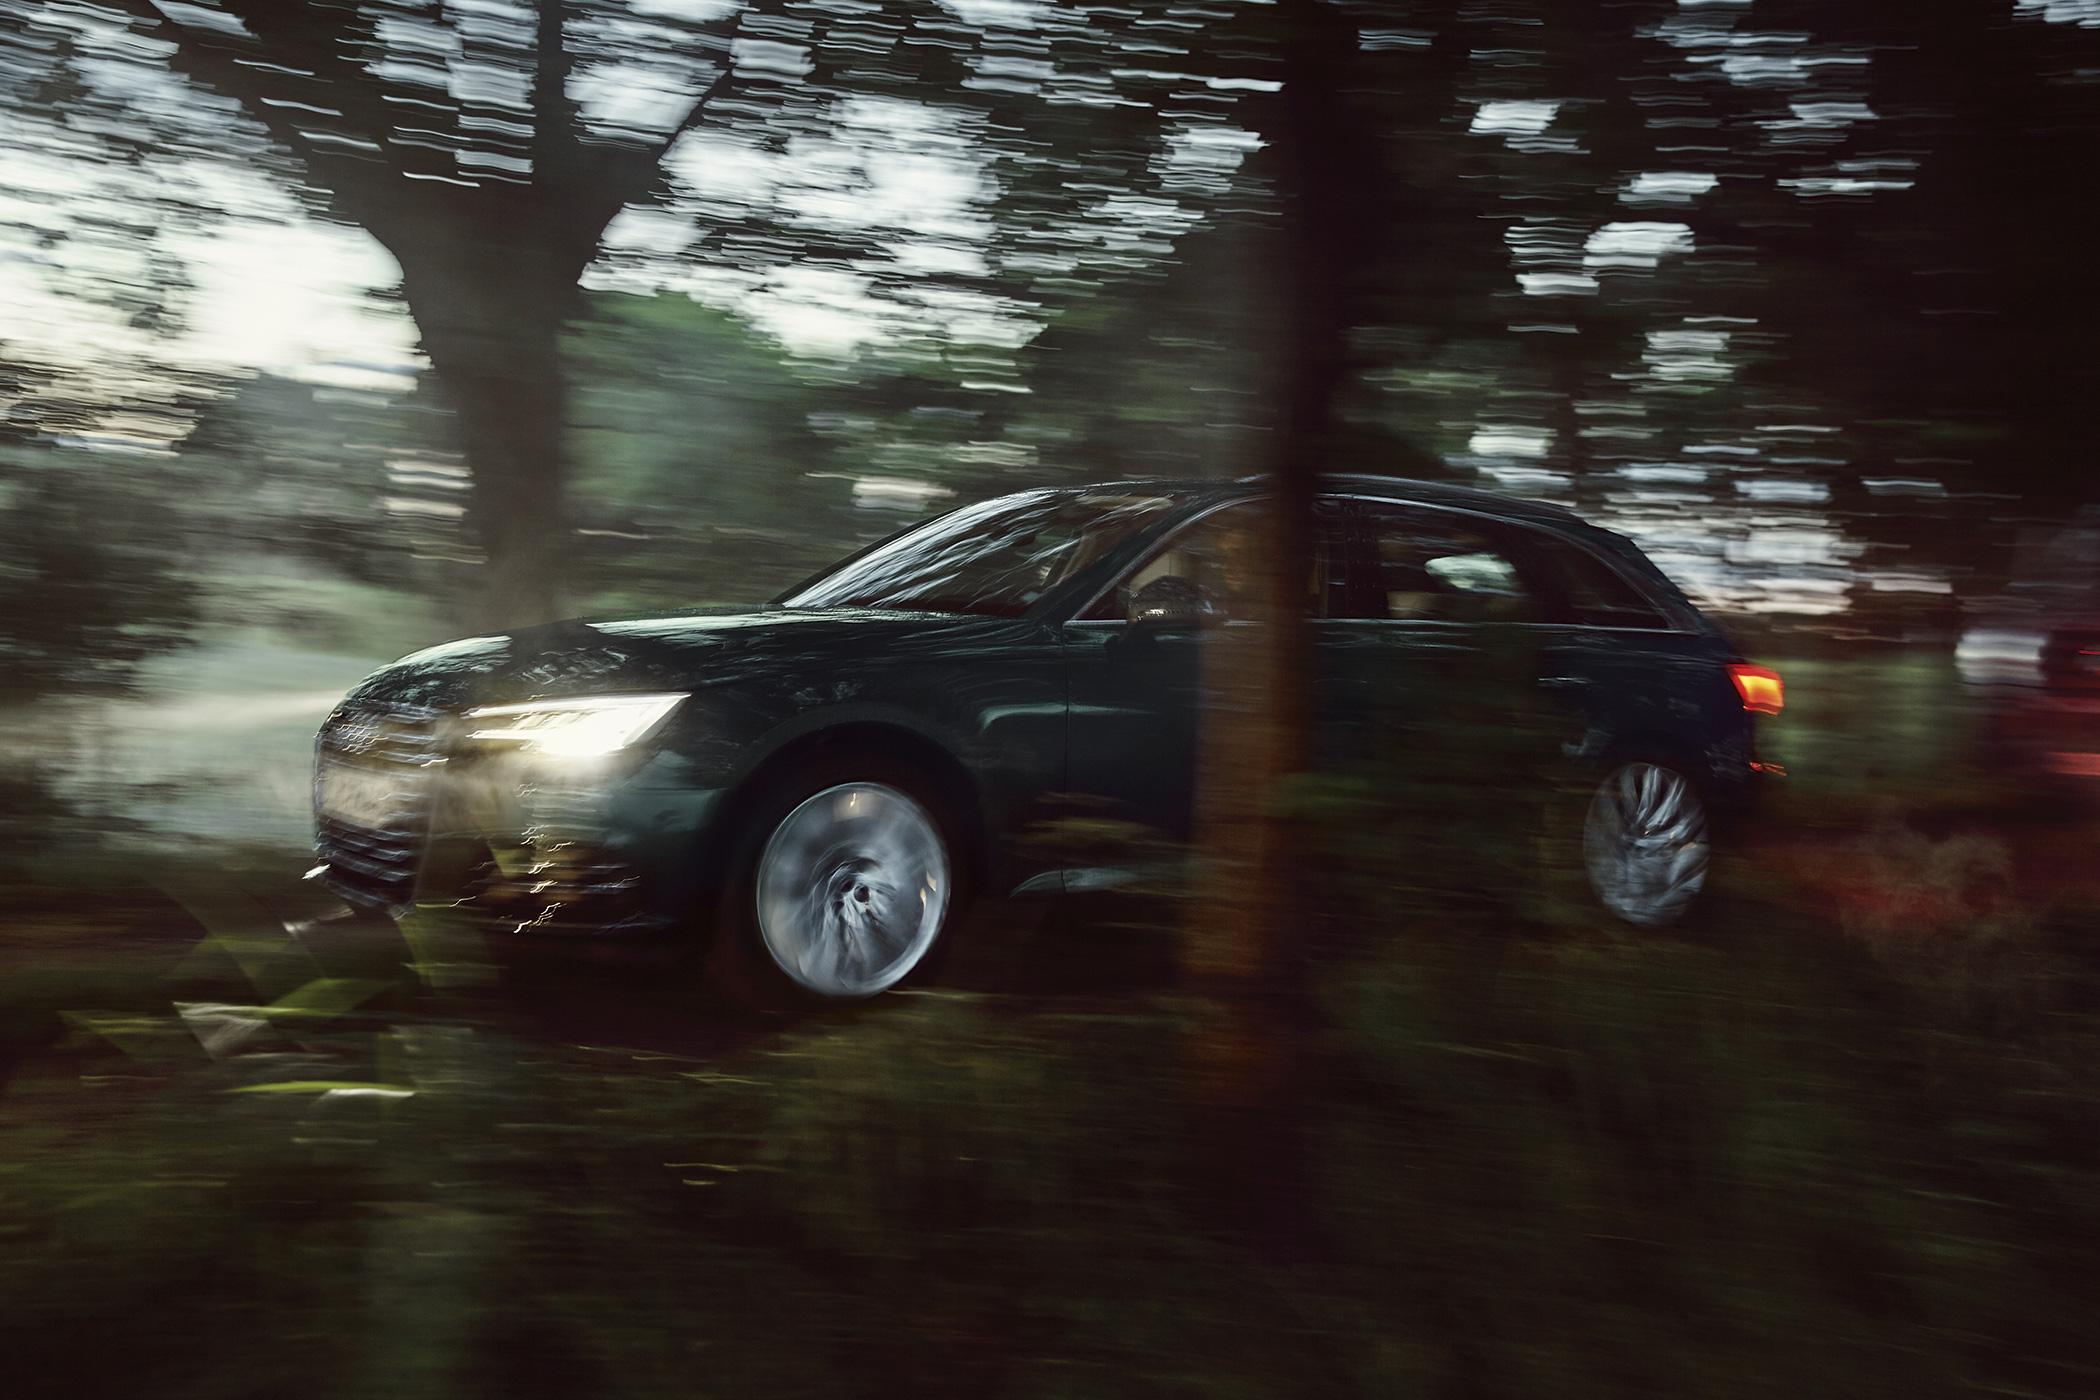 Audi_Licht_und_Sicht_0414.jpg